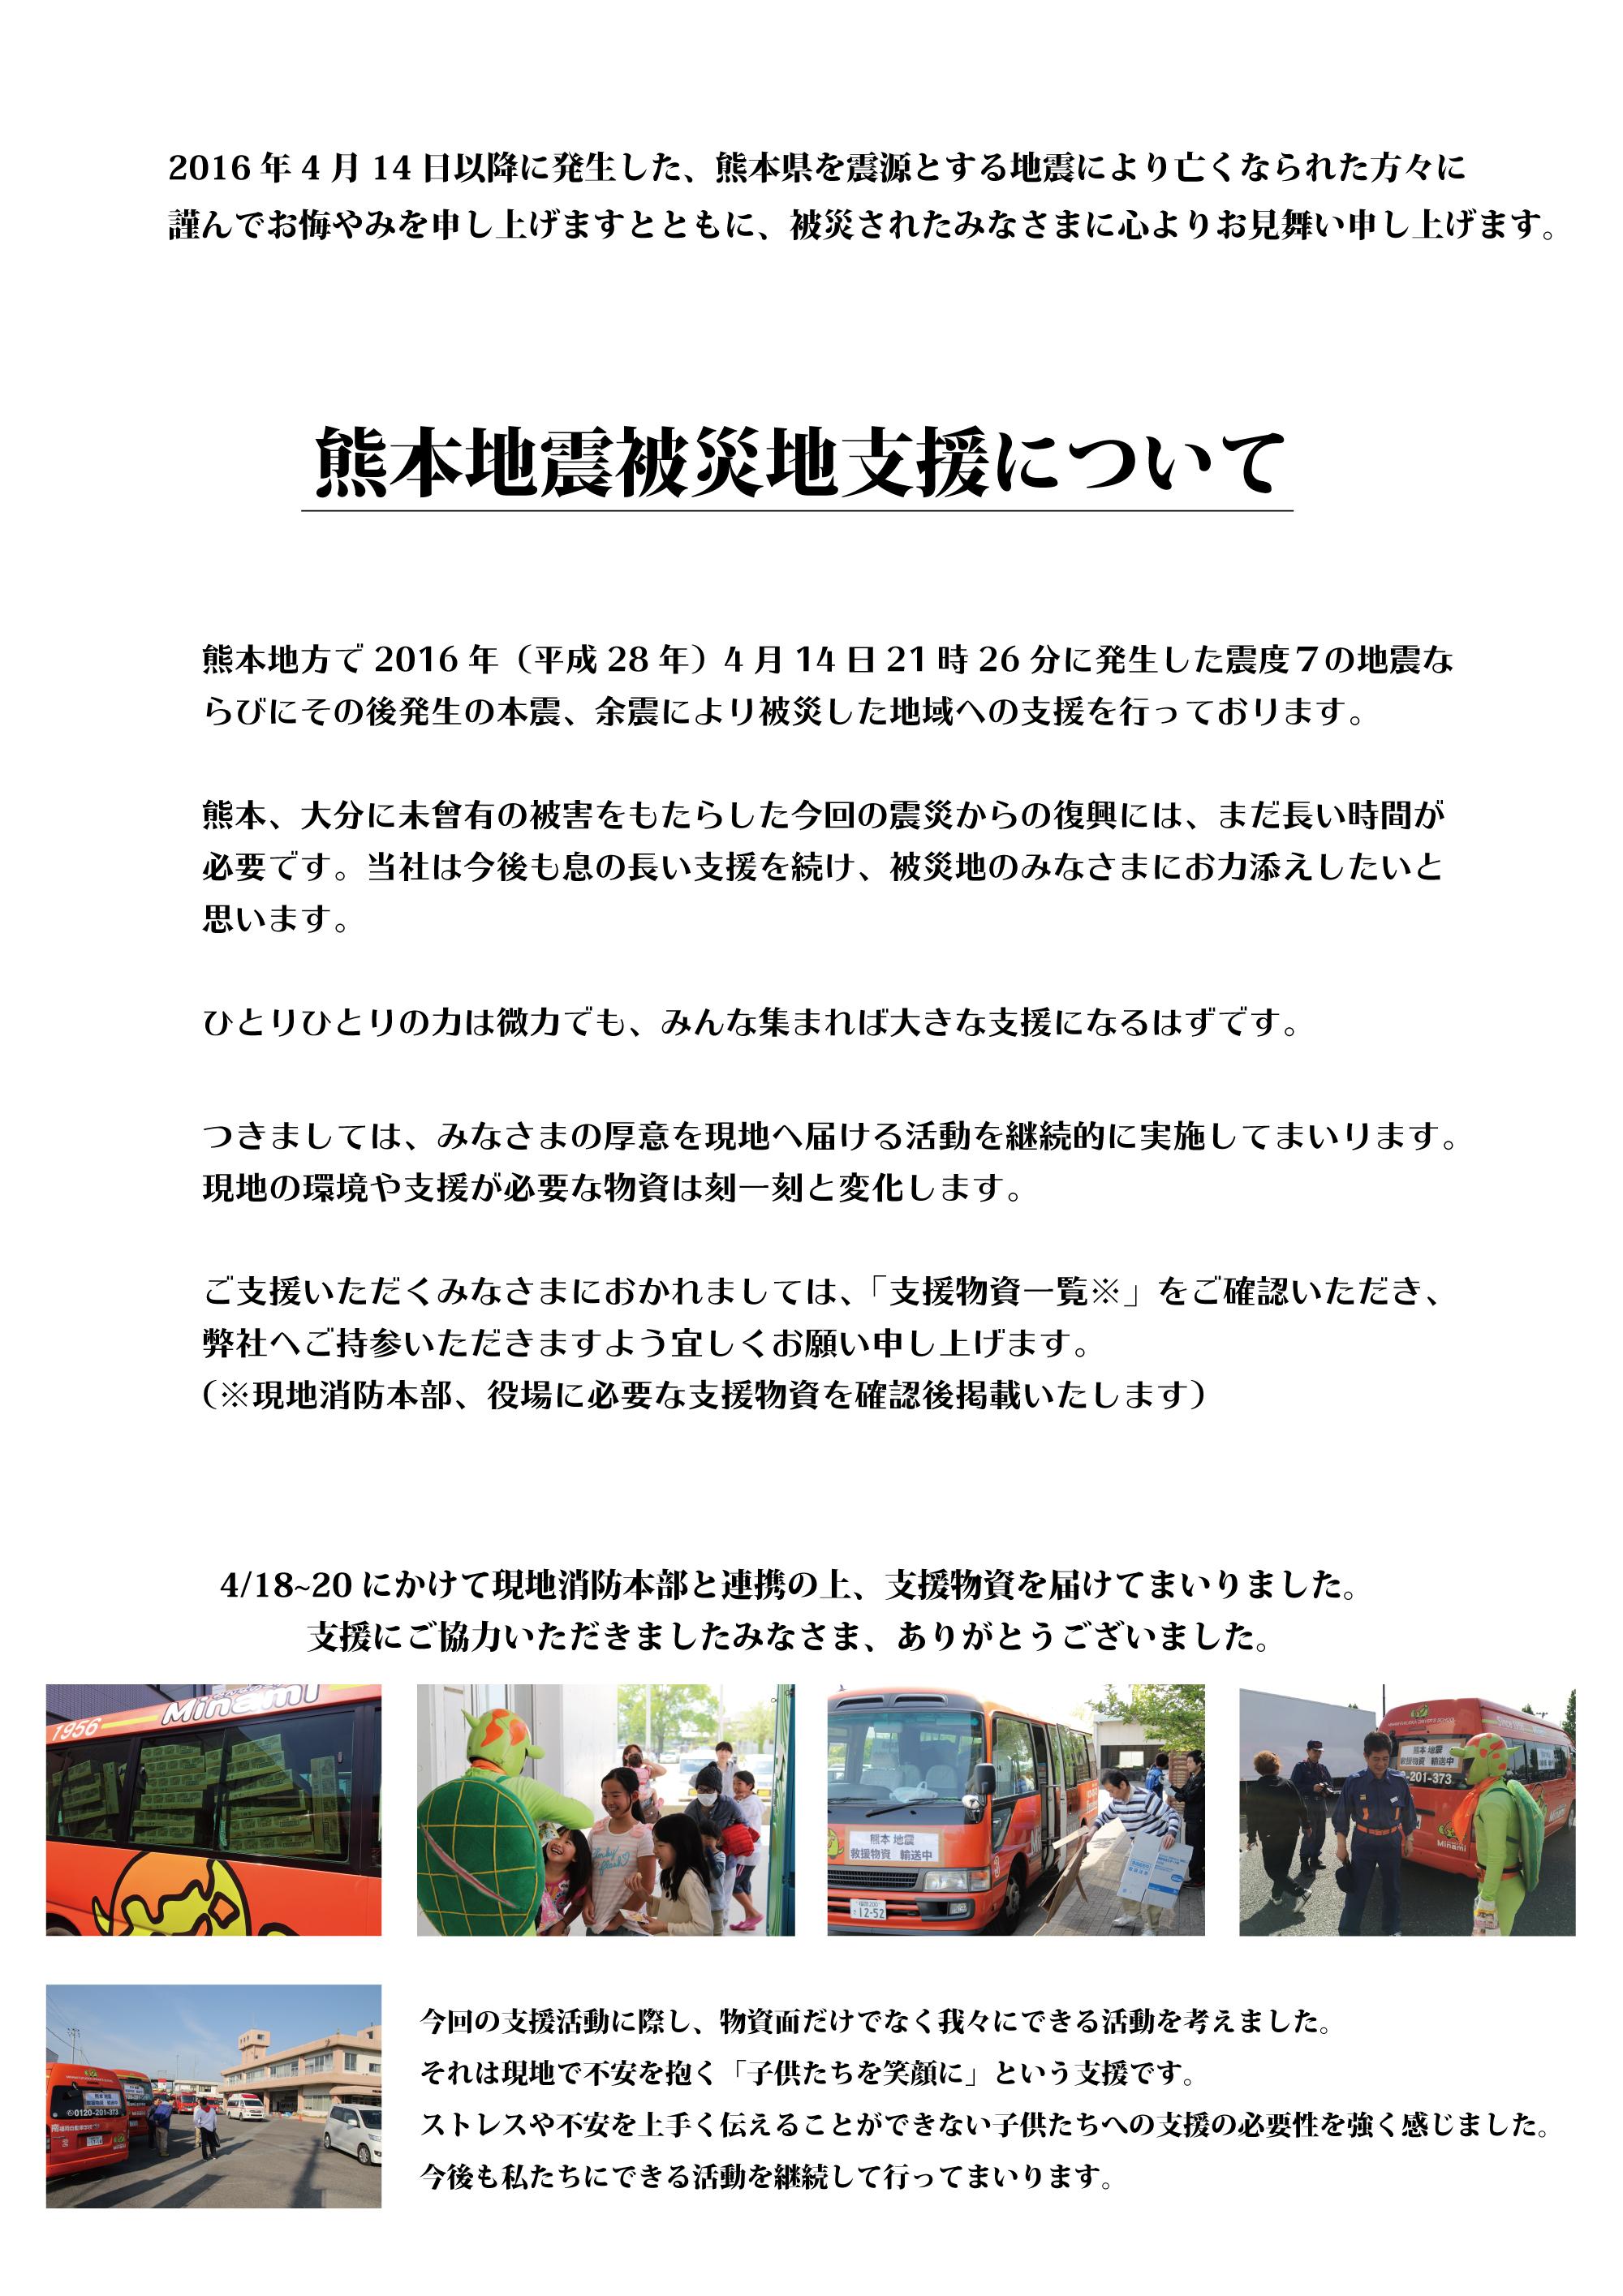 震災支援について